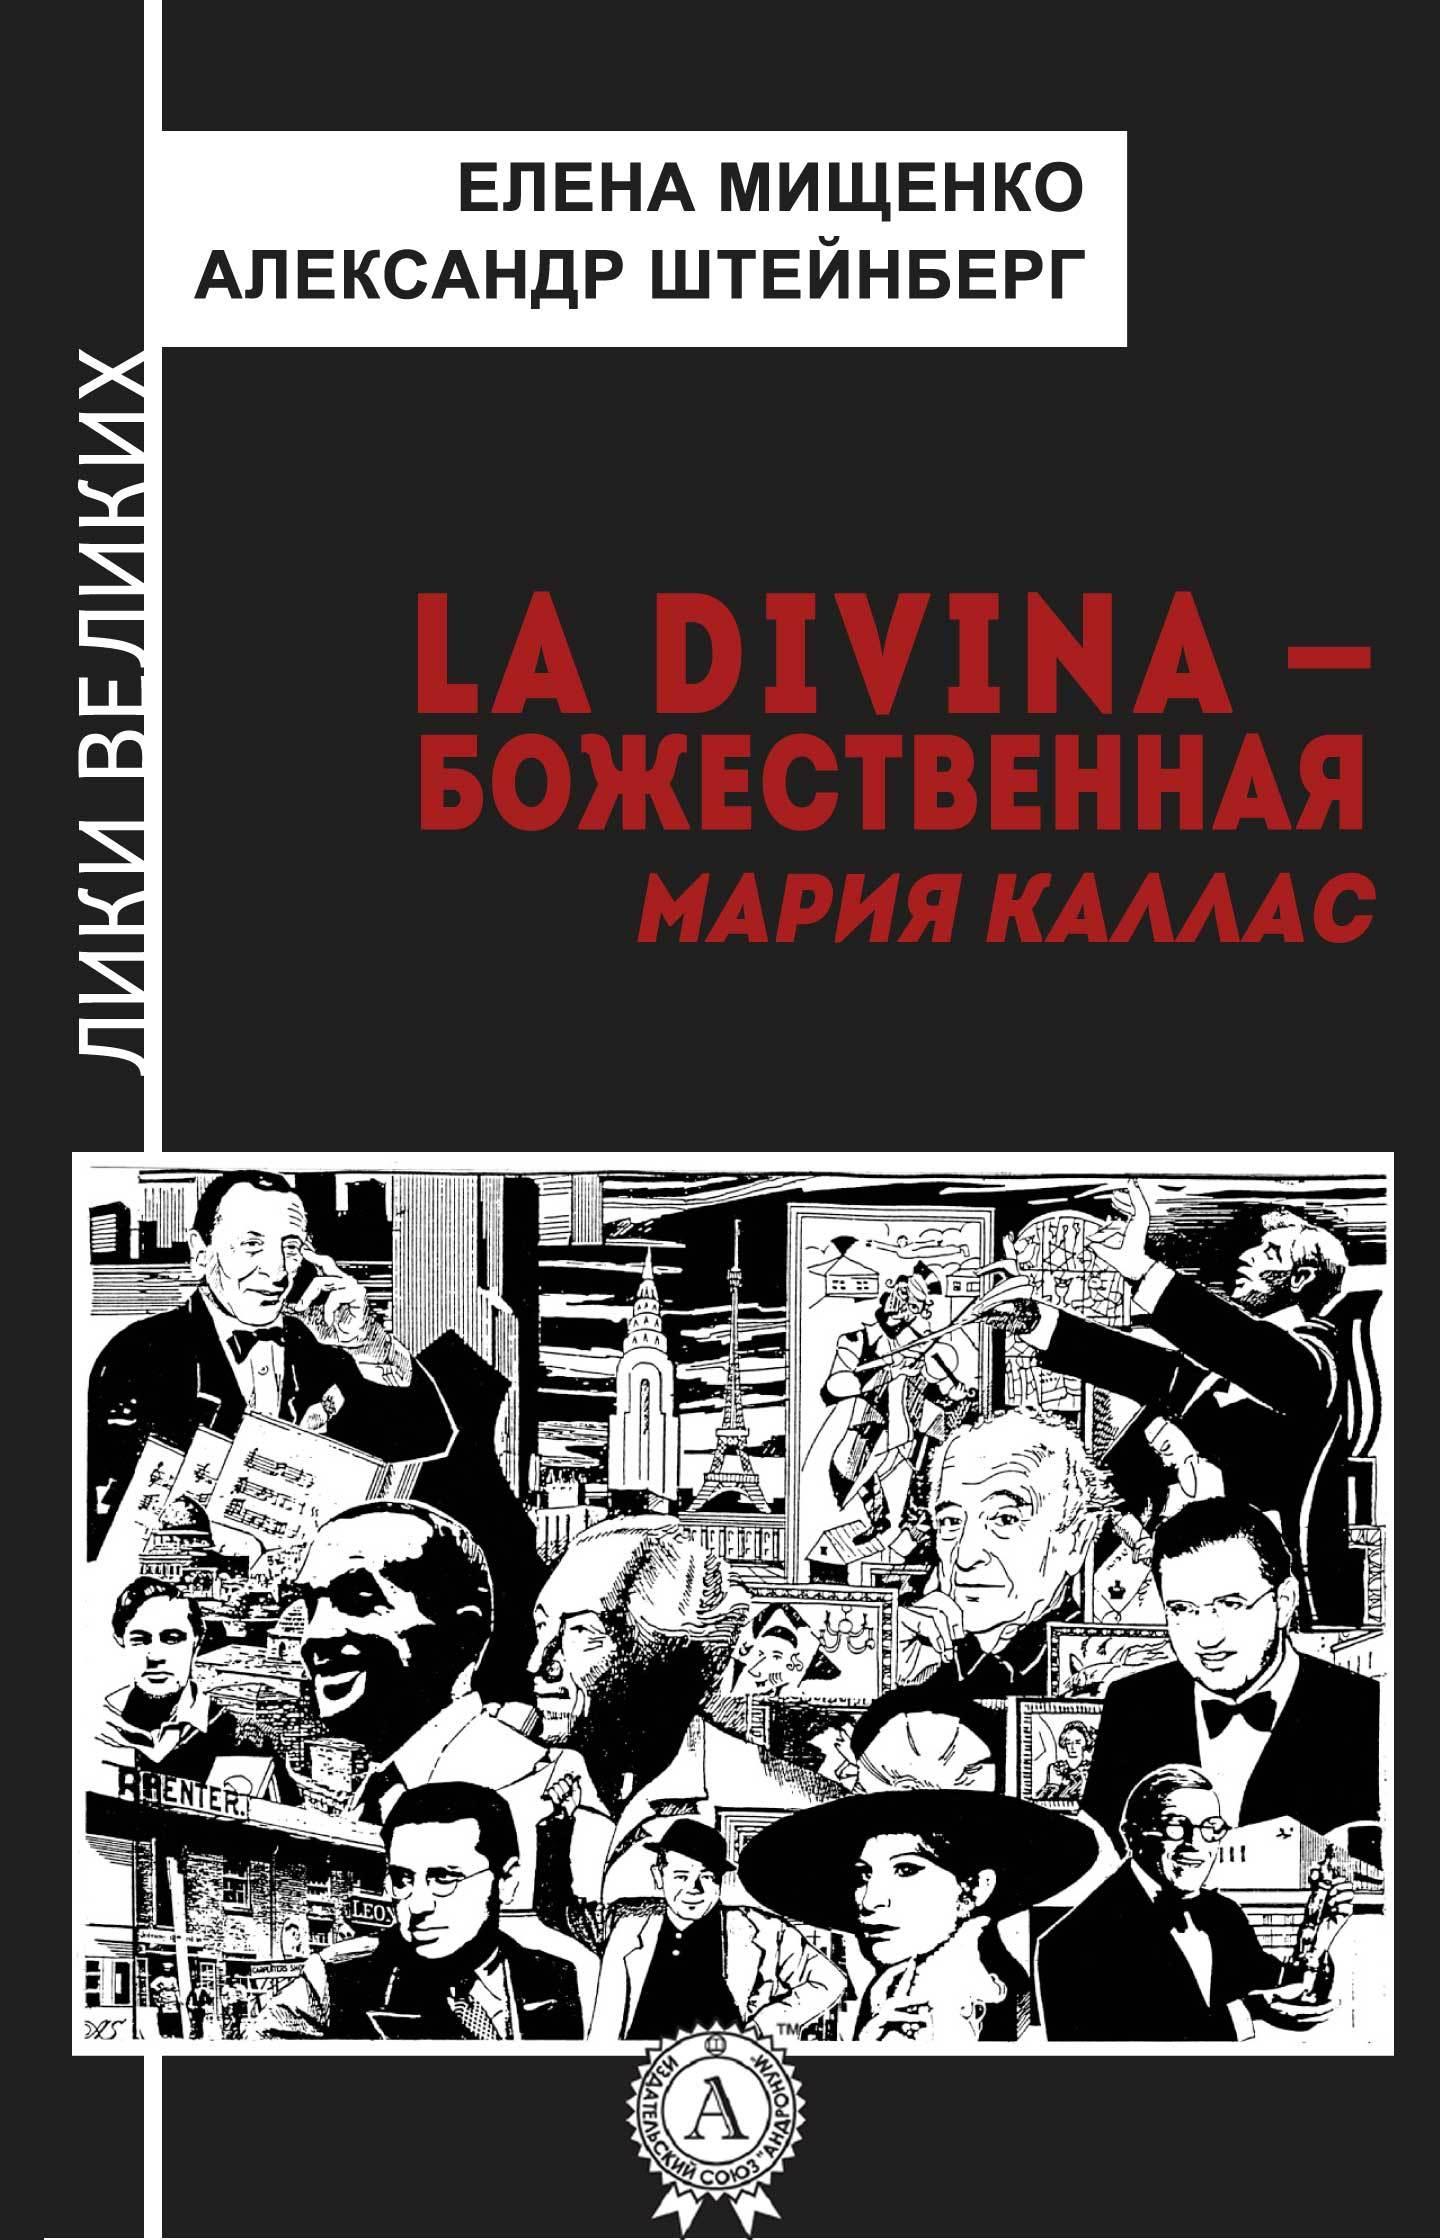 Скачать La Divina - Божественная Мария Каллас бесплатно Елена Мищенко